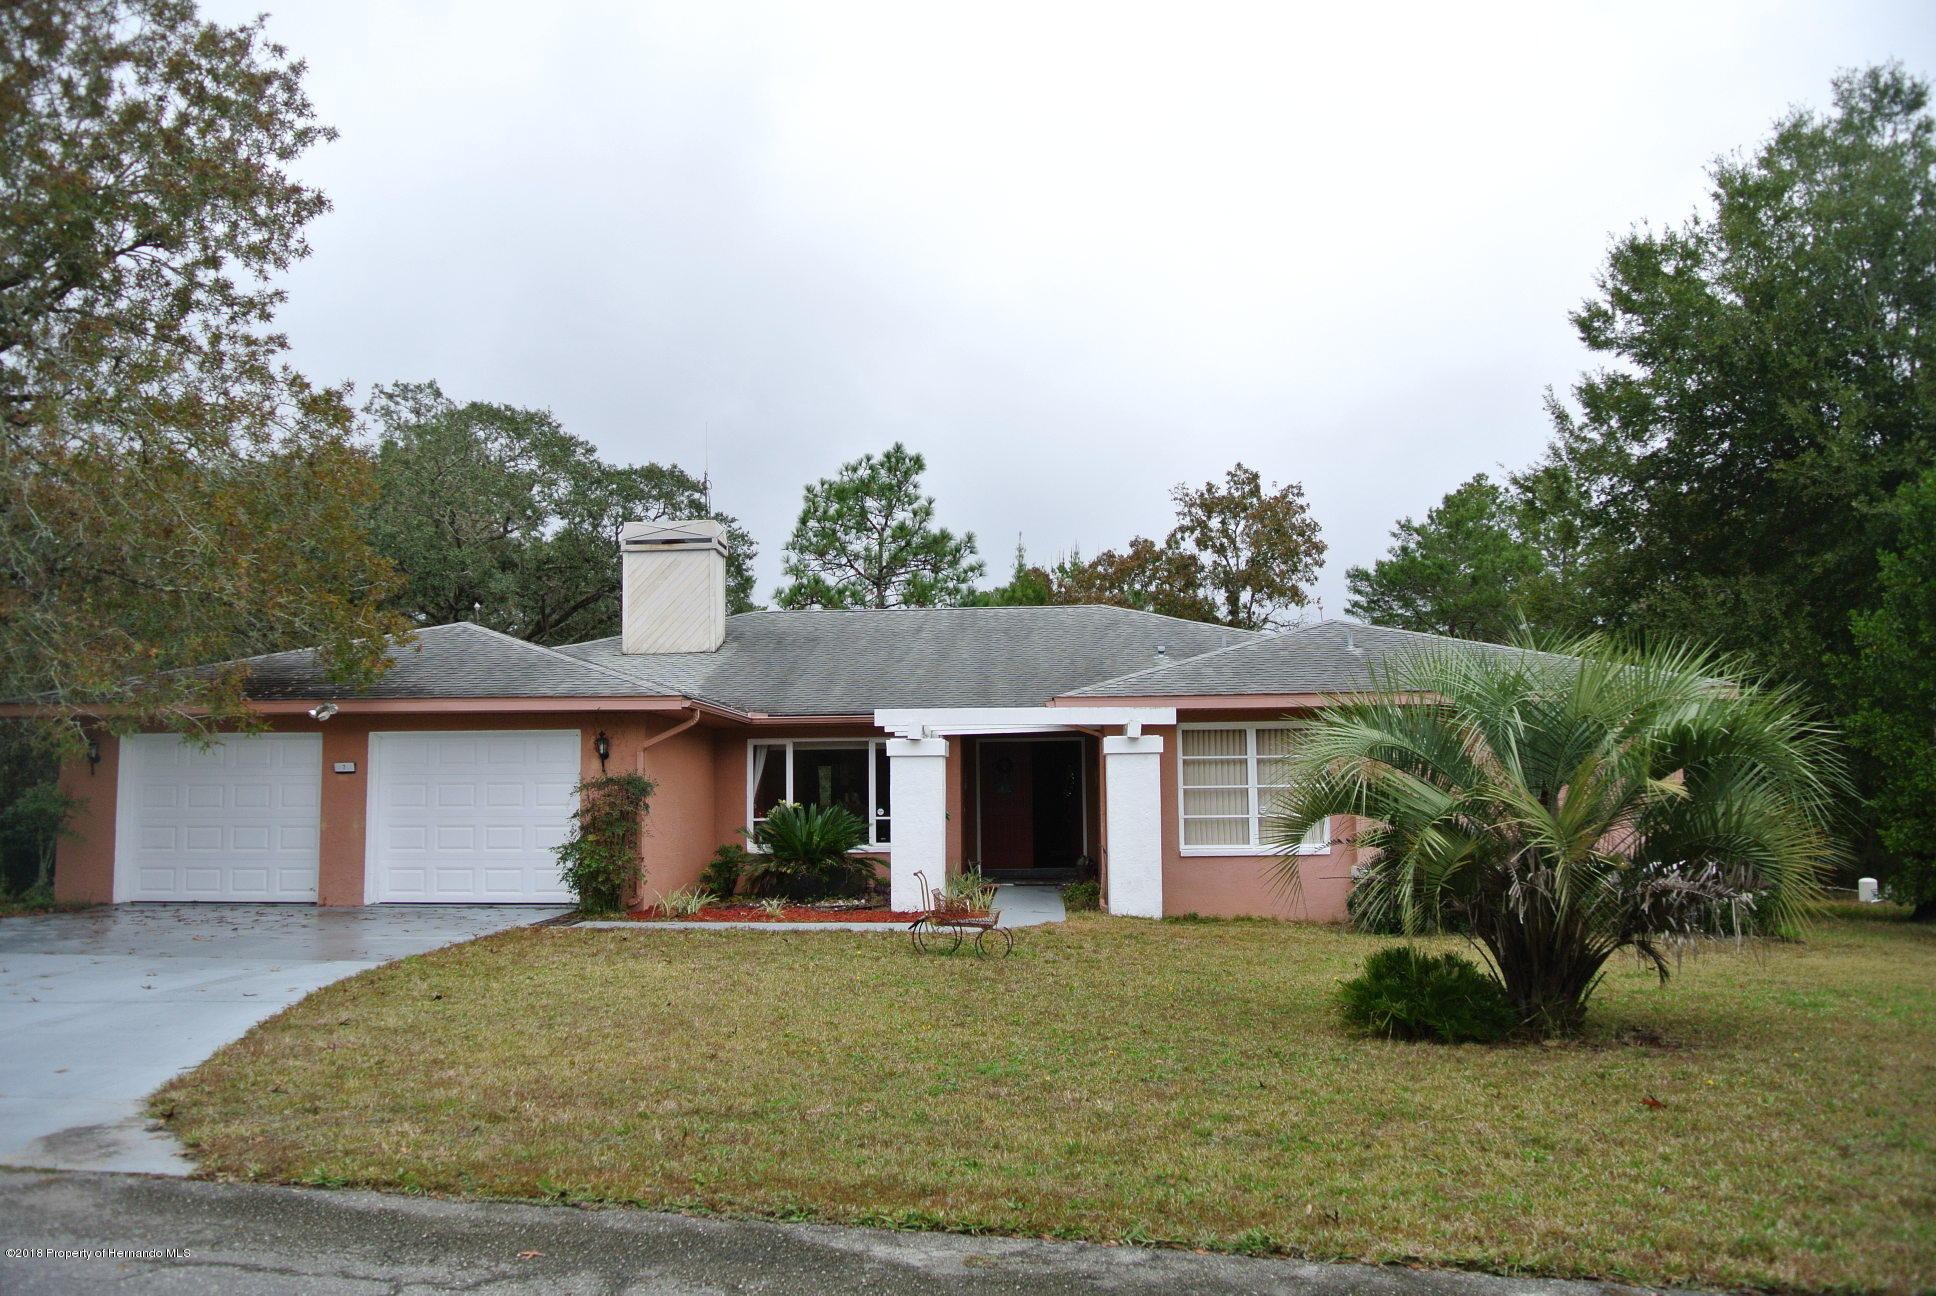 7 Pteris Court, Homosassa, Florida 34446, 4 Bedrooms Bedrooms, ,2 BathroomsBathrooms,Rental,For Sale,Pteris,2197402